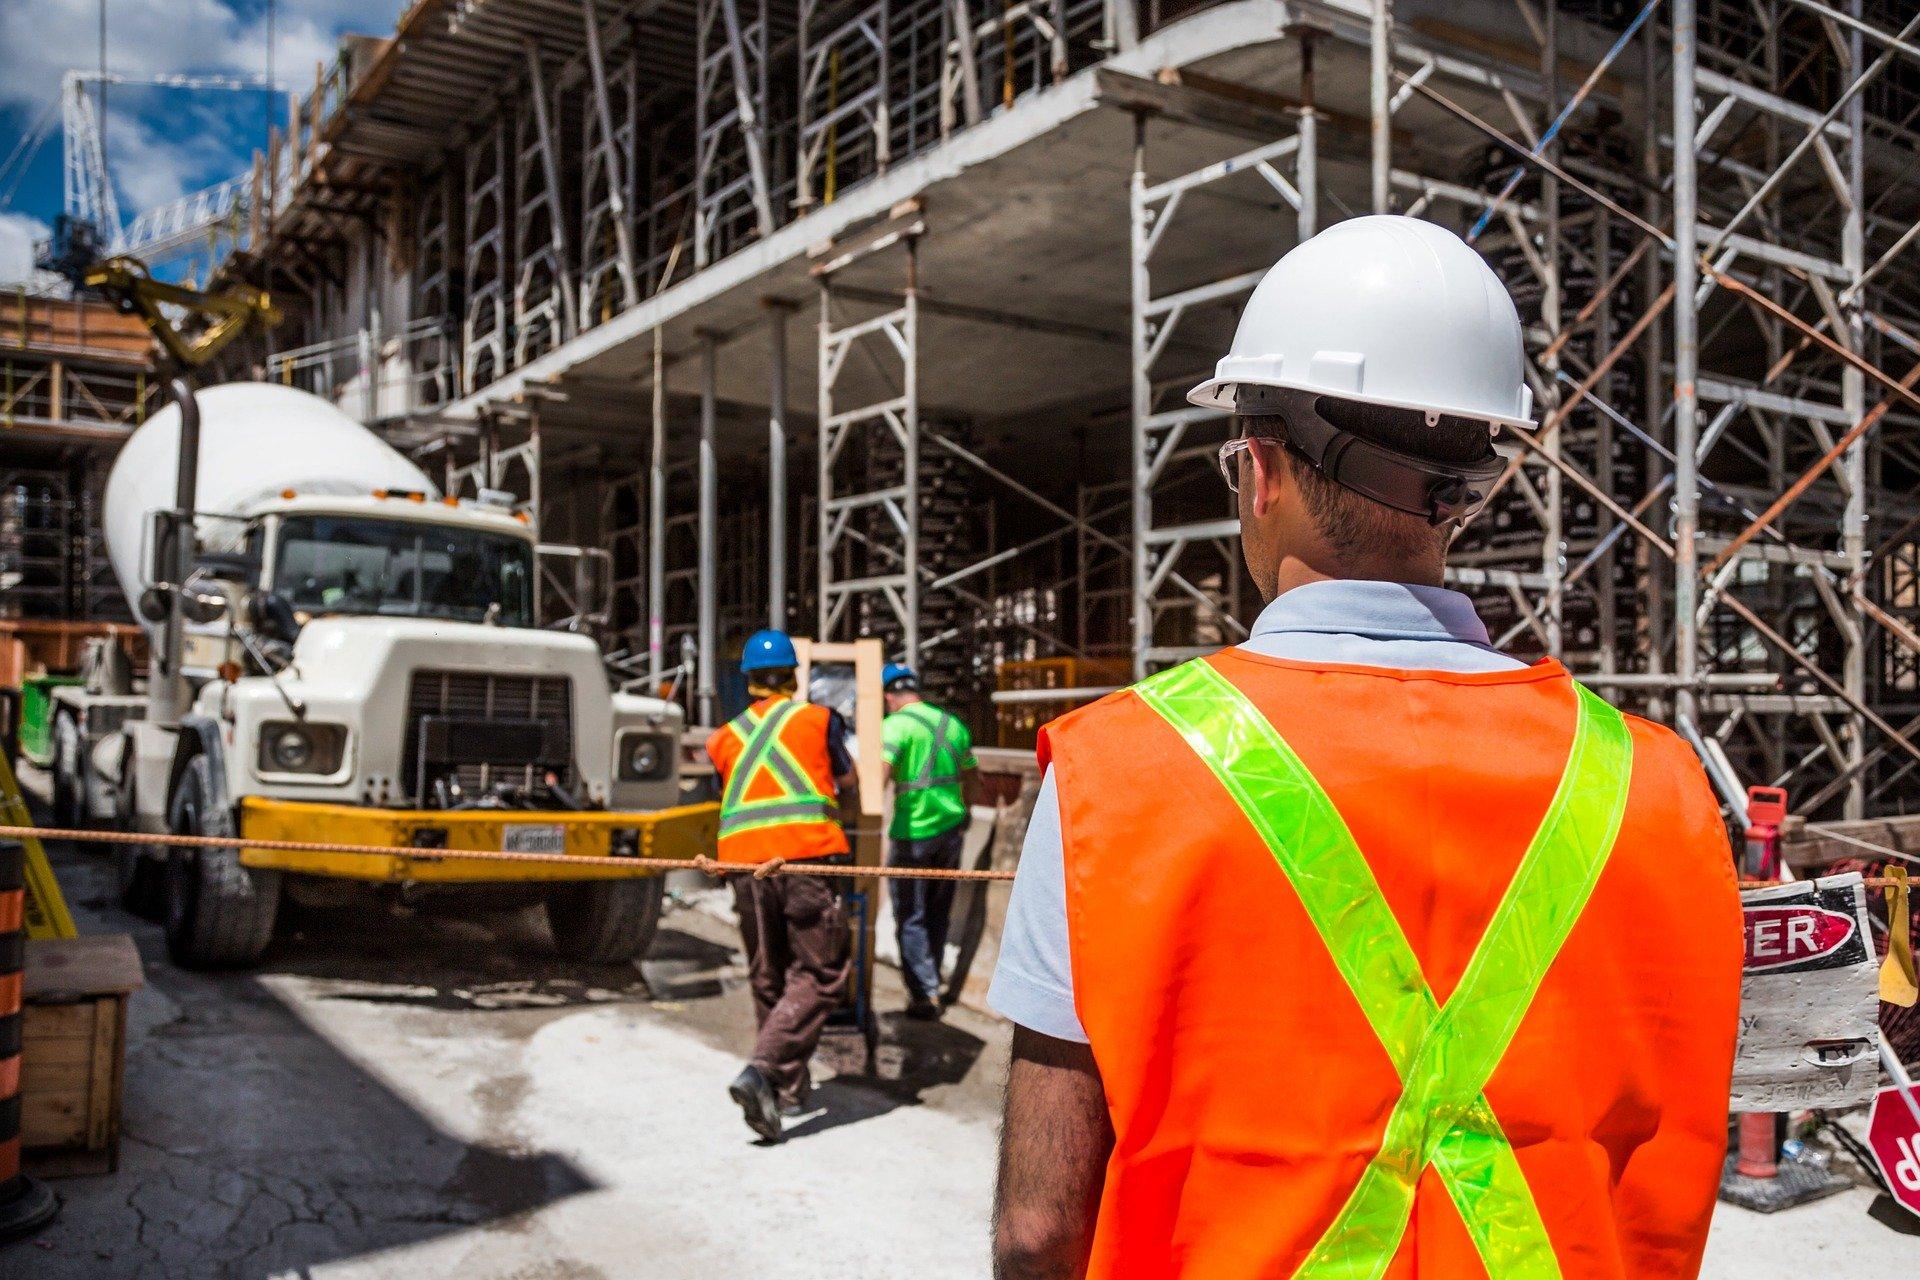 Baustellenüberwachung, baustellenbewachung Sicherheitsdienst Baustelle